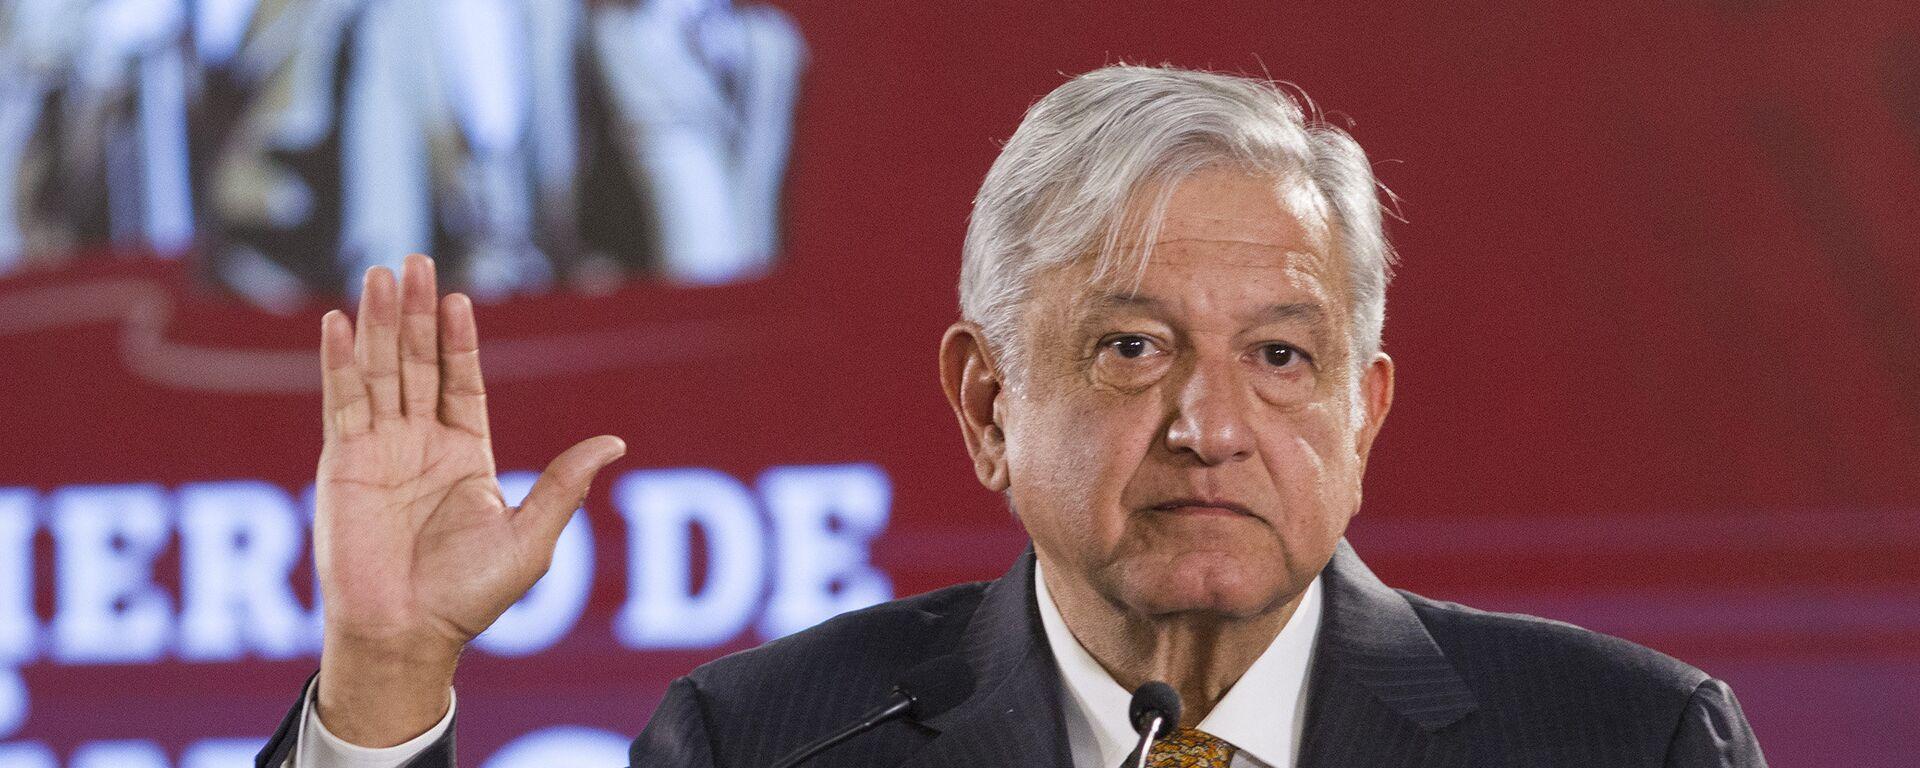 Andrés Manuel López Obrador, presidente de México  - Sputnik Mundo, 1920, 12.08.2021